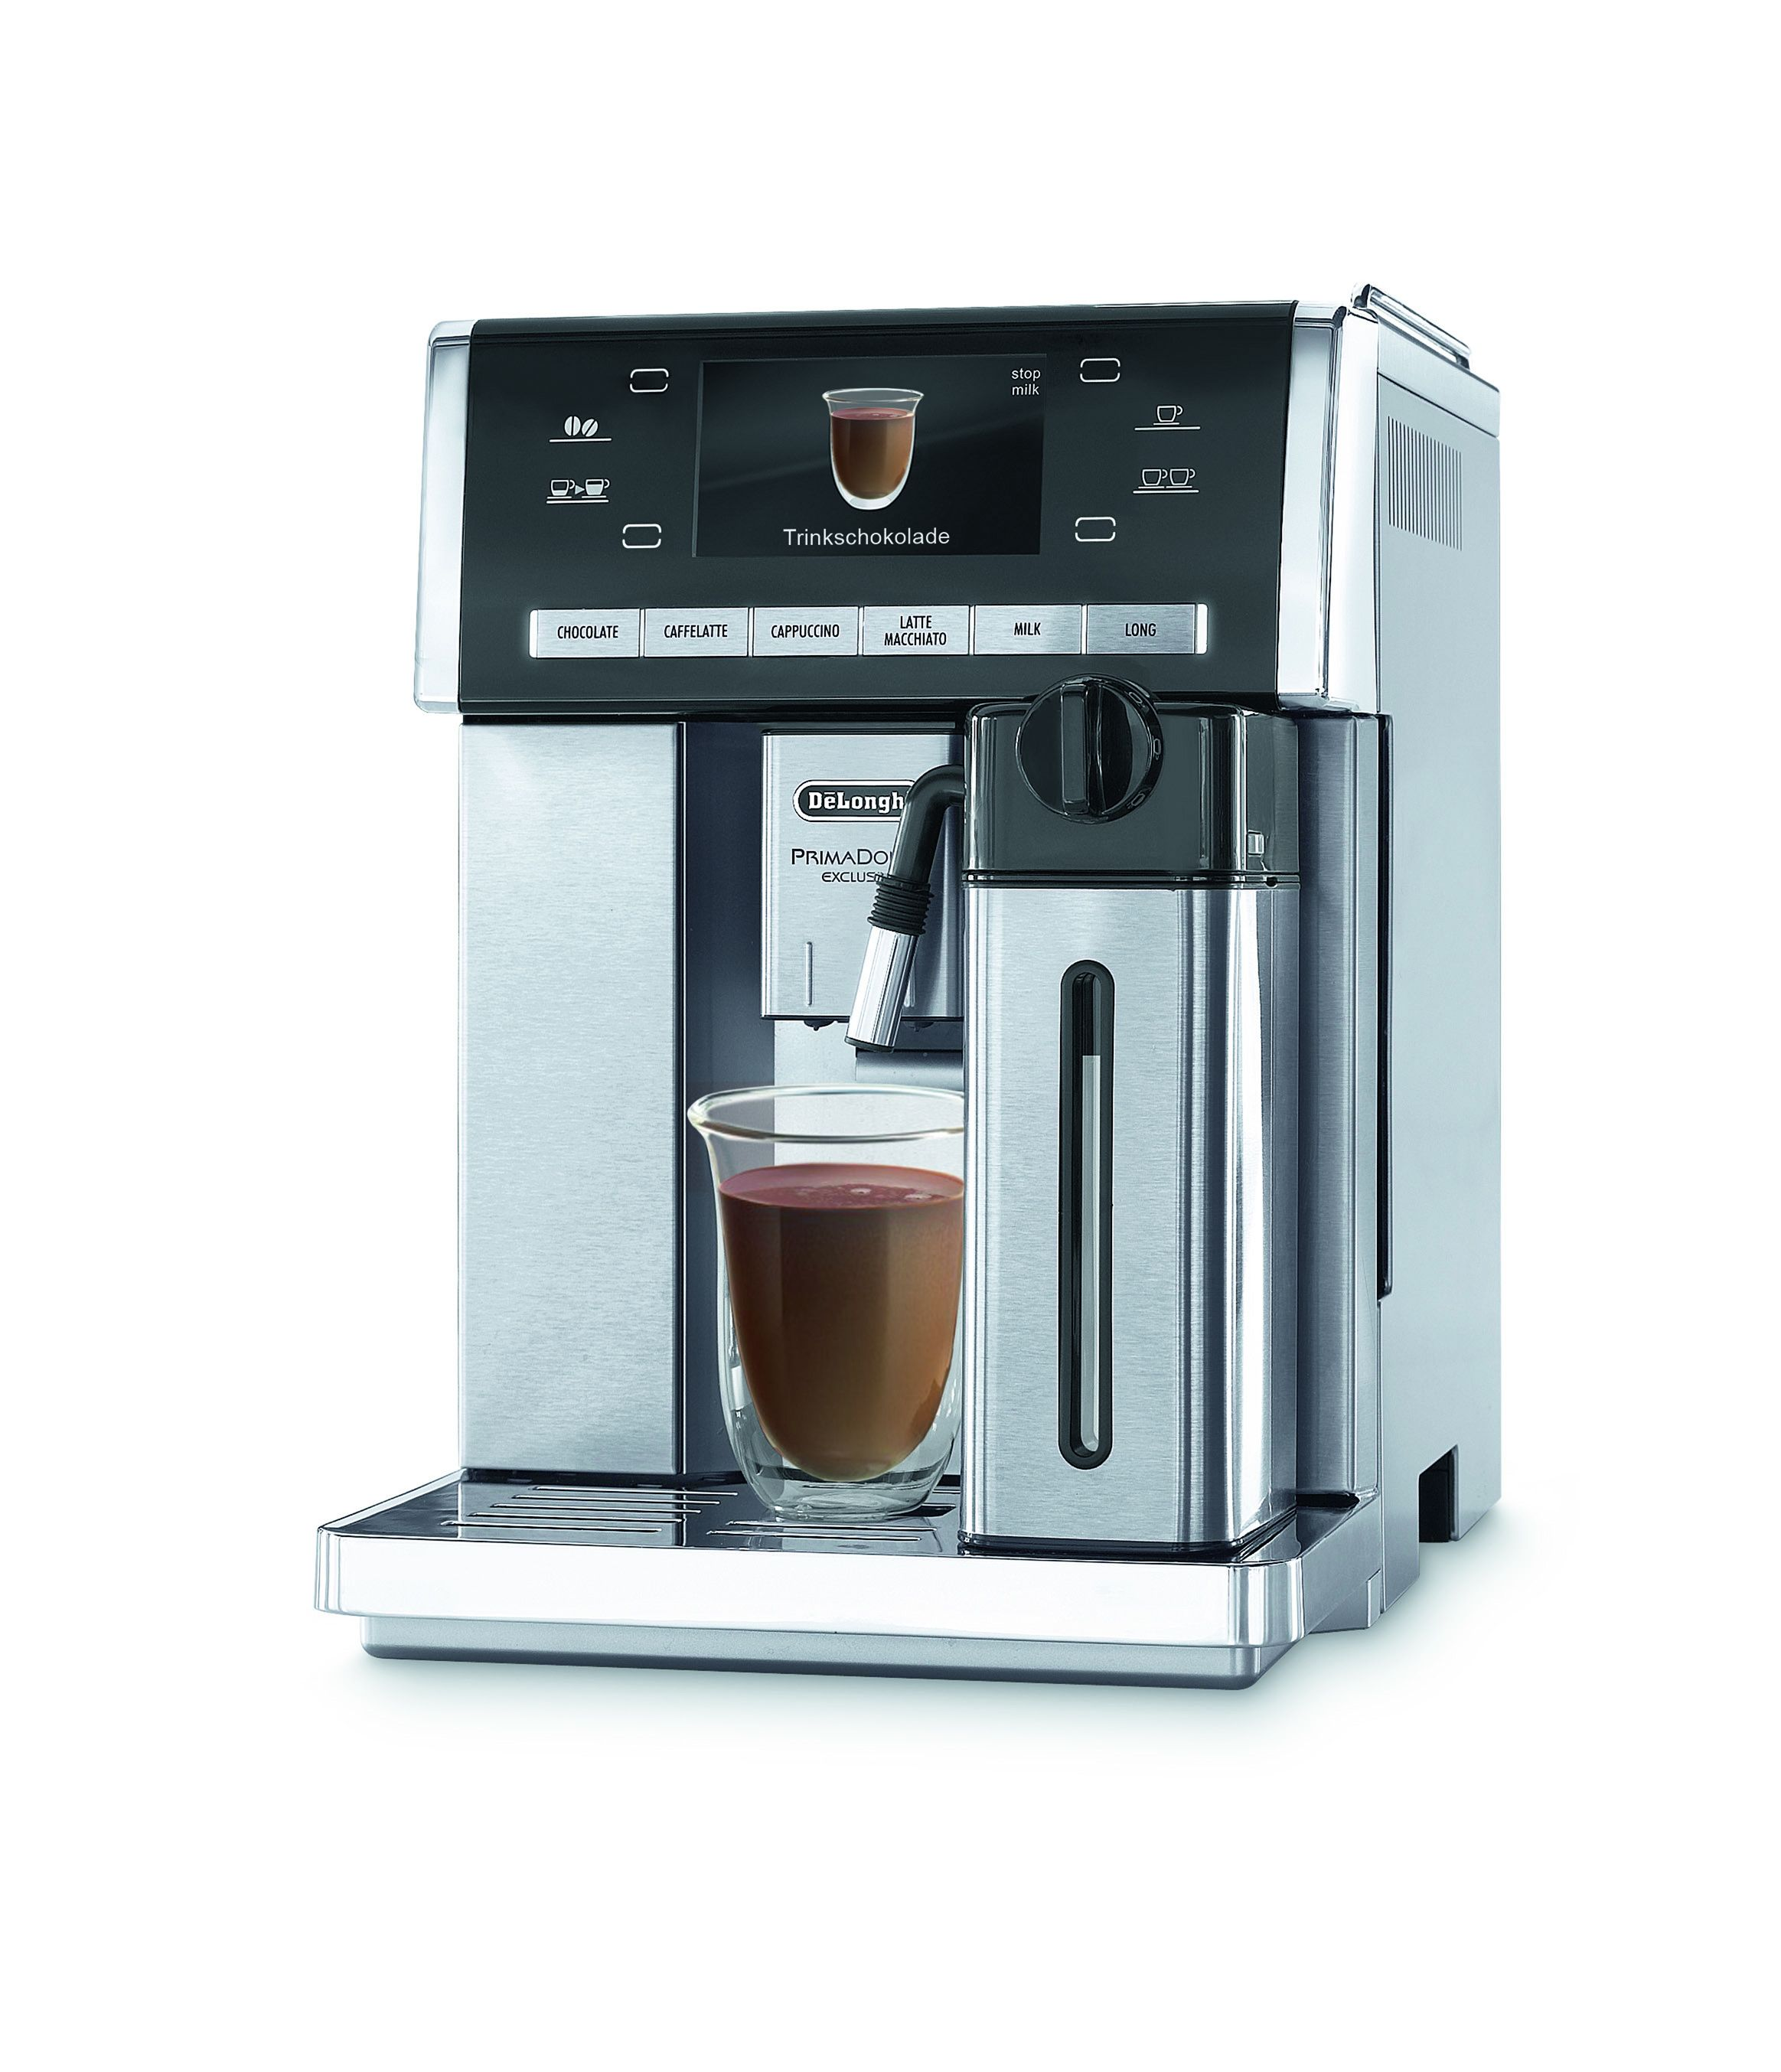 Kaffeeautomat mit kakao funktion